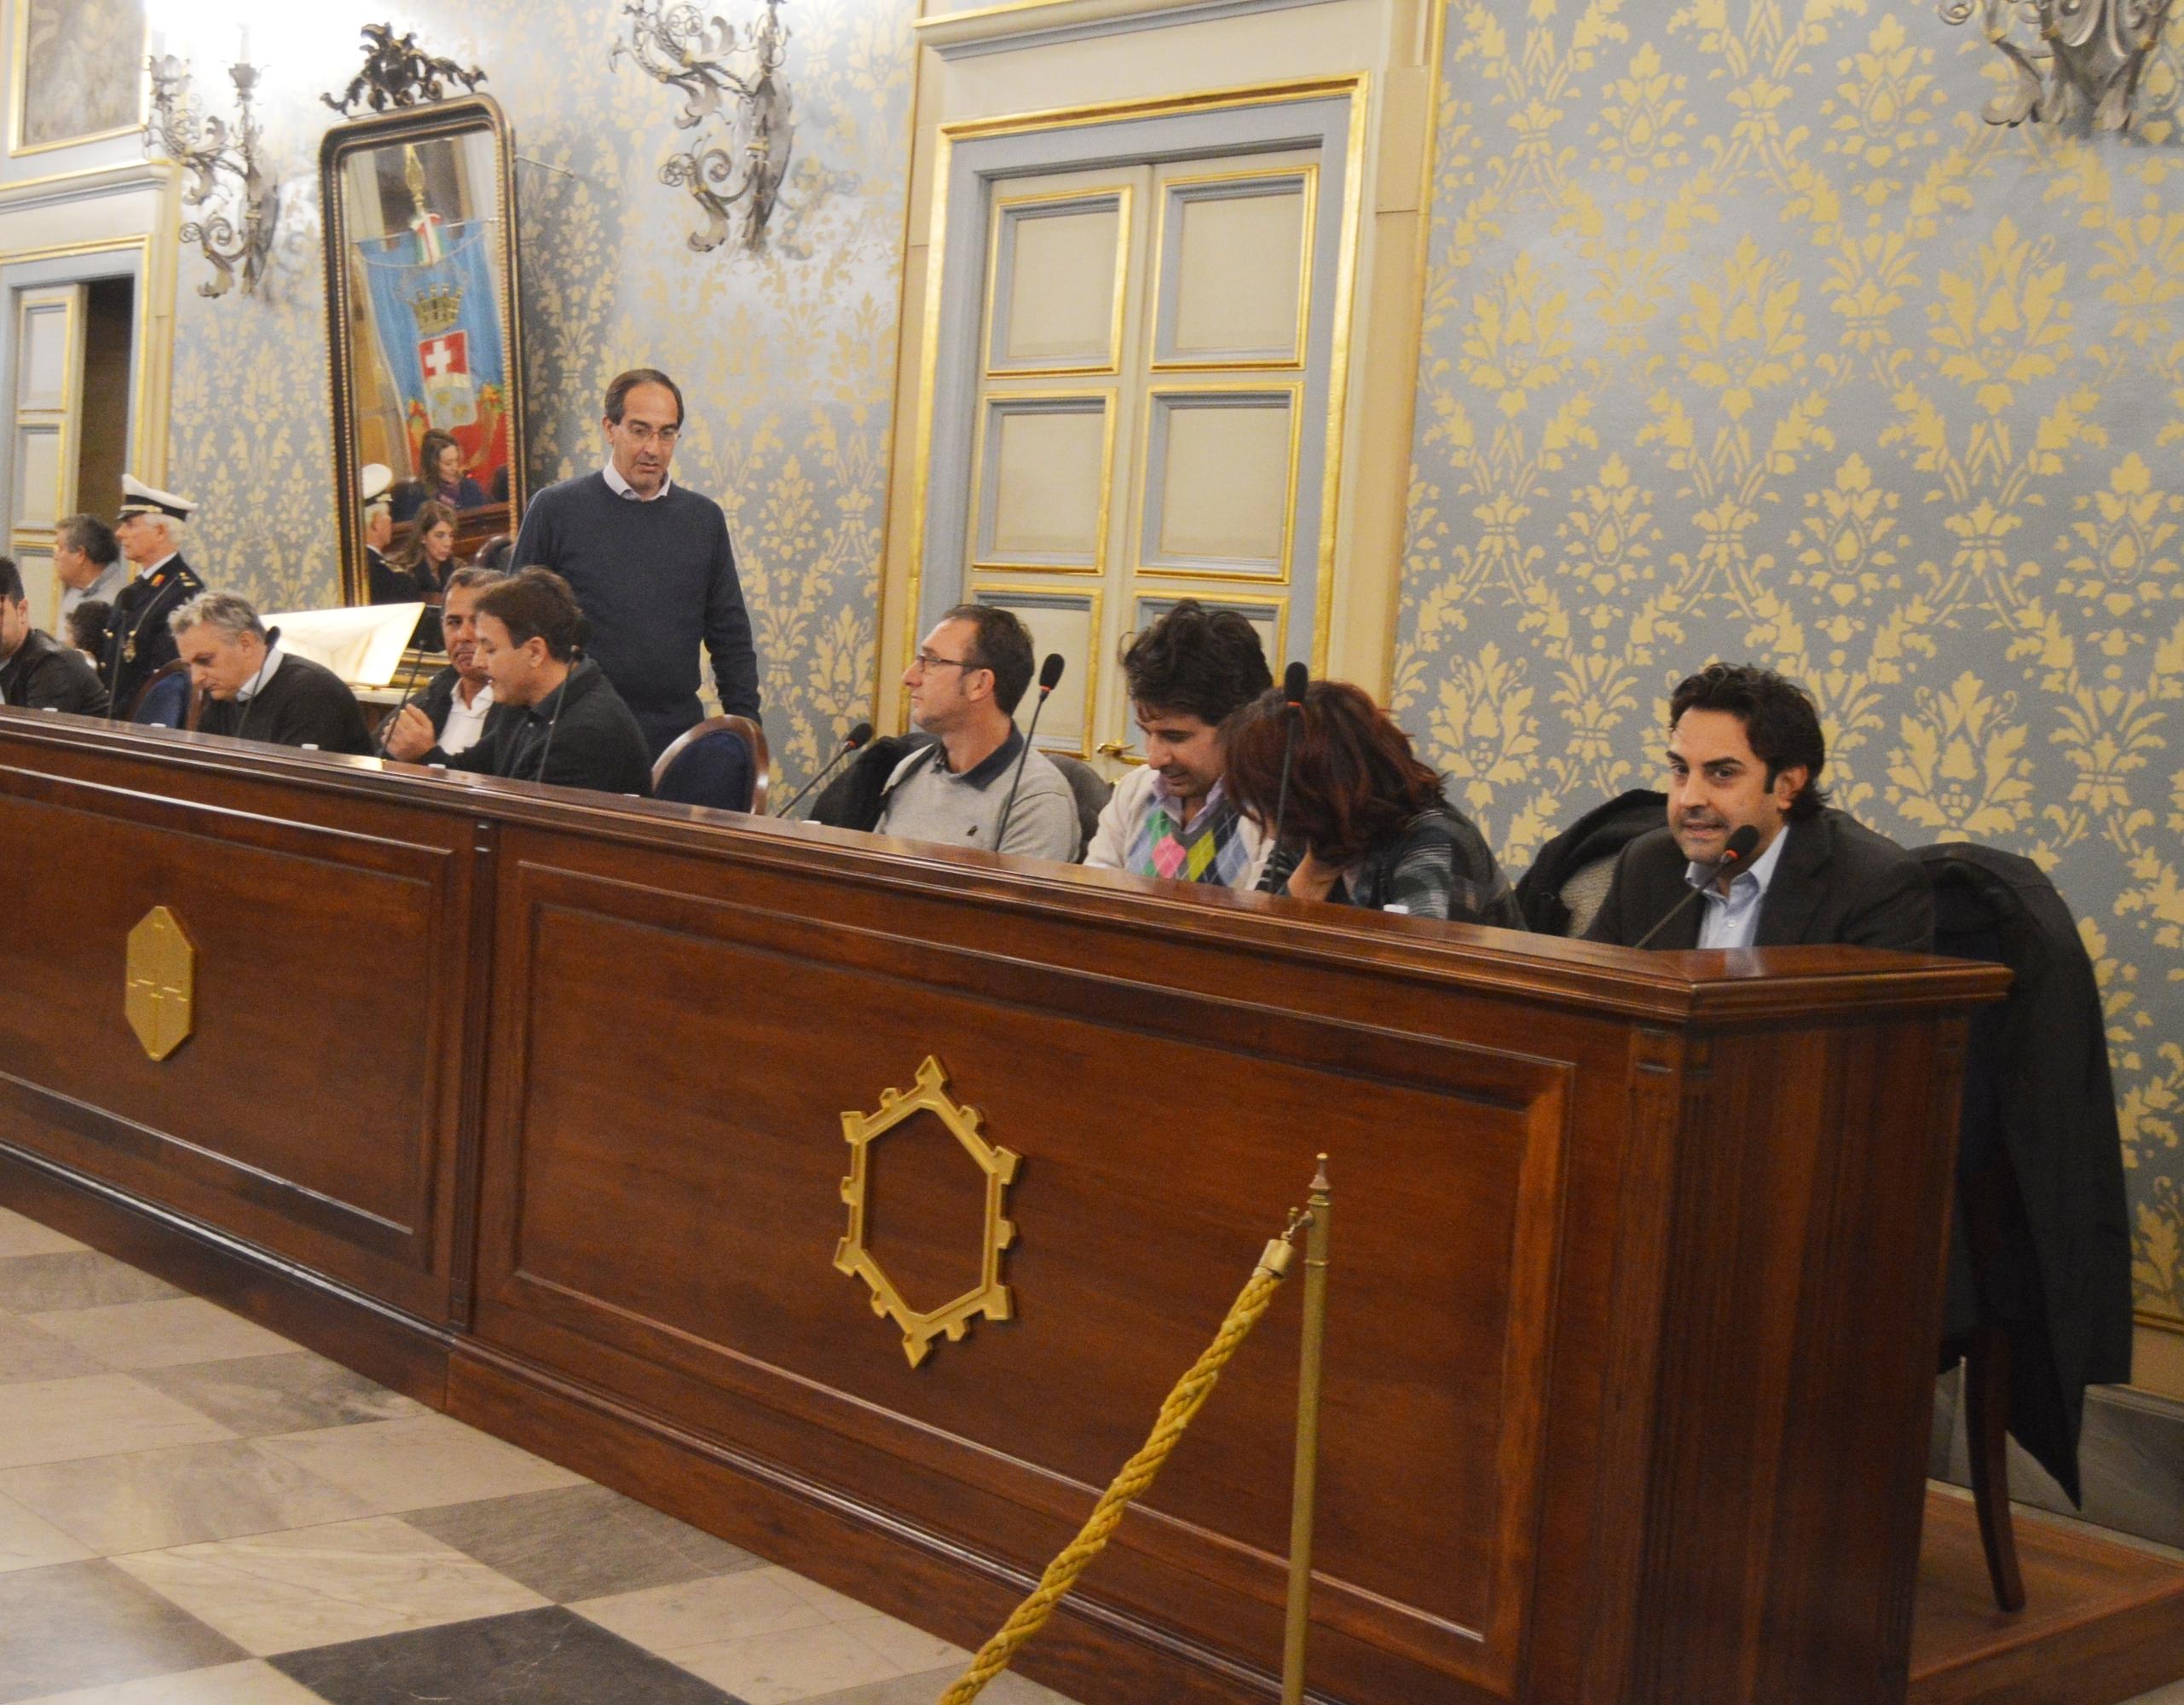 """Avola, 4 dell'opposizione replicano al sindaco: """"Vede complotti dappertutto"""""""